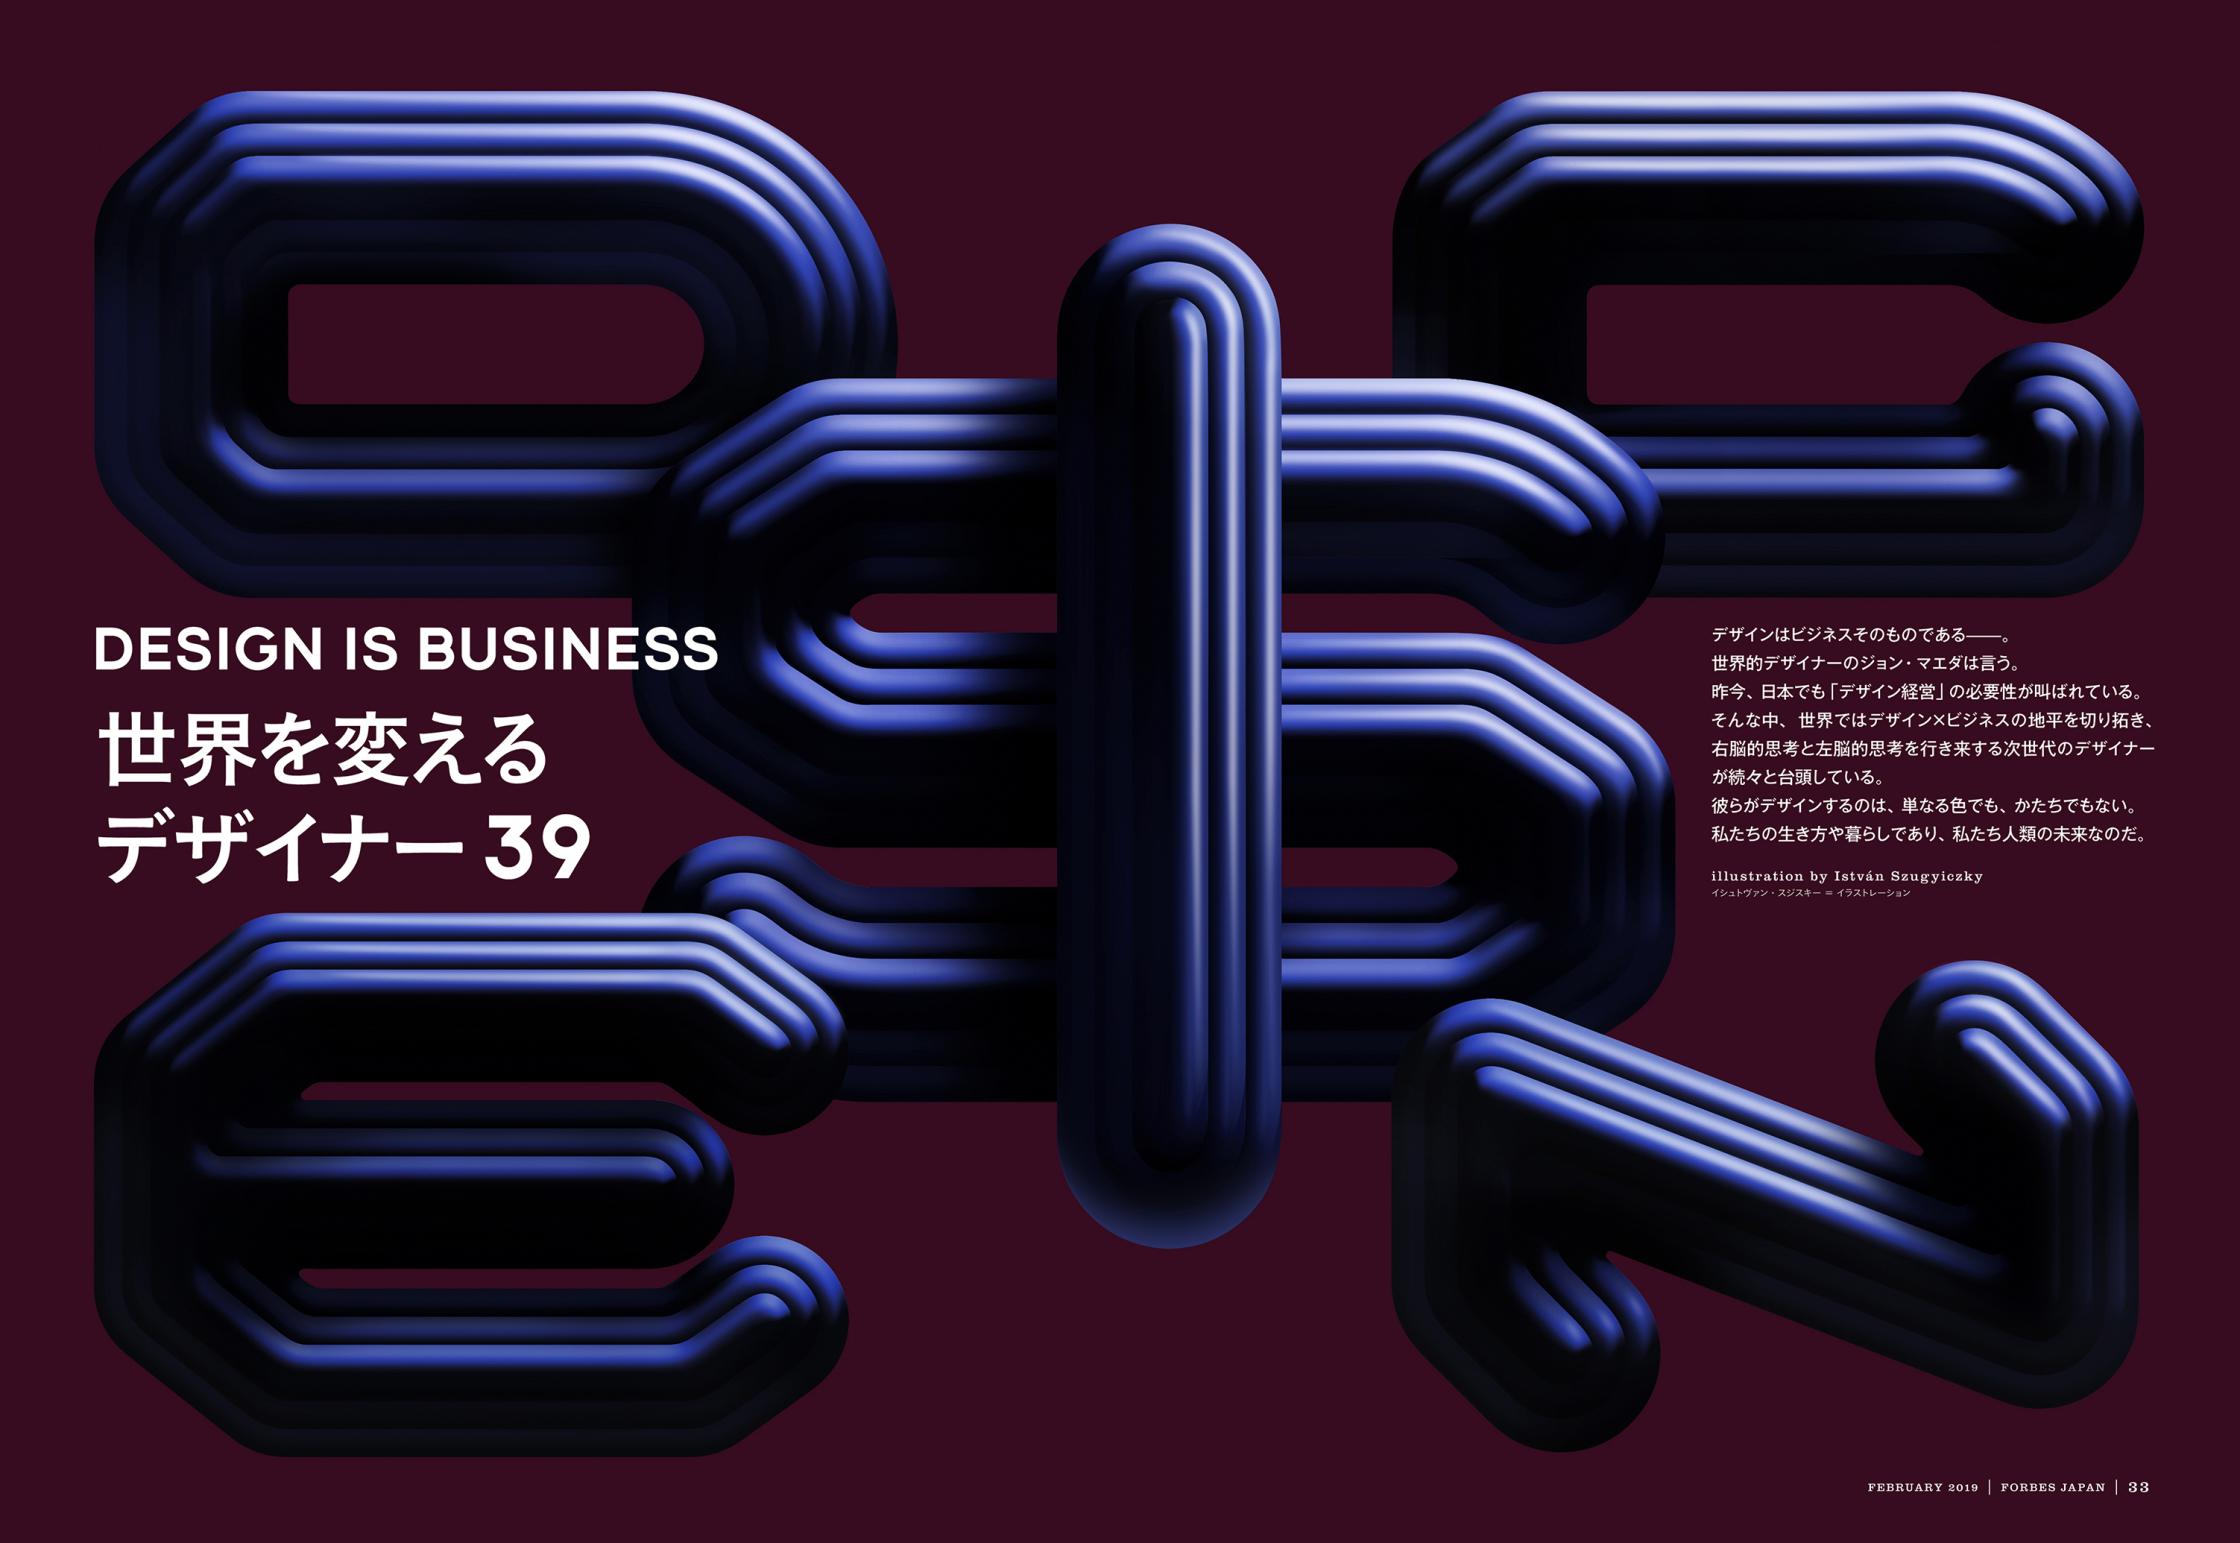 Desing_Is_Business_Forbes_Japan_RGB.jpg